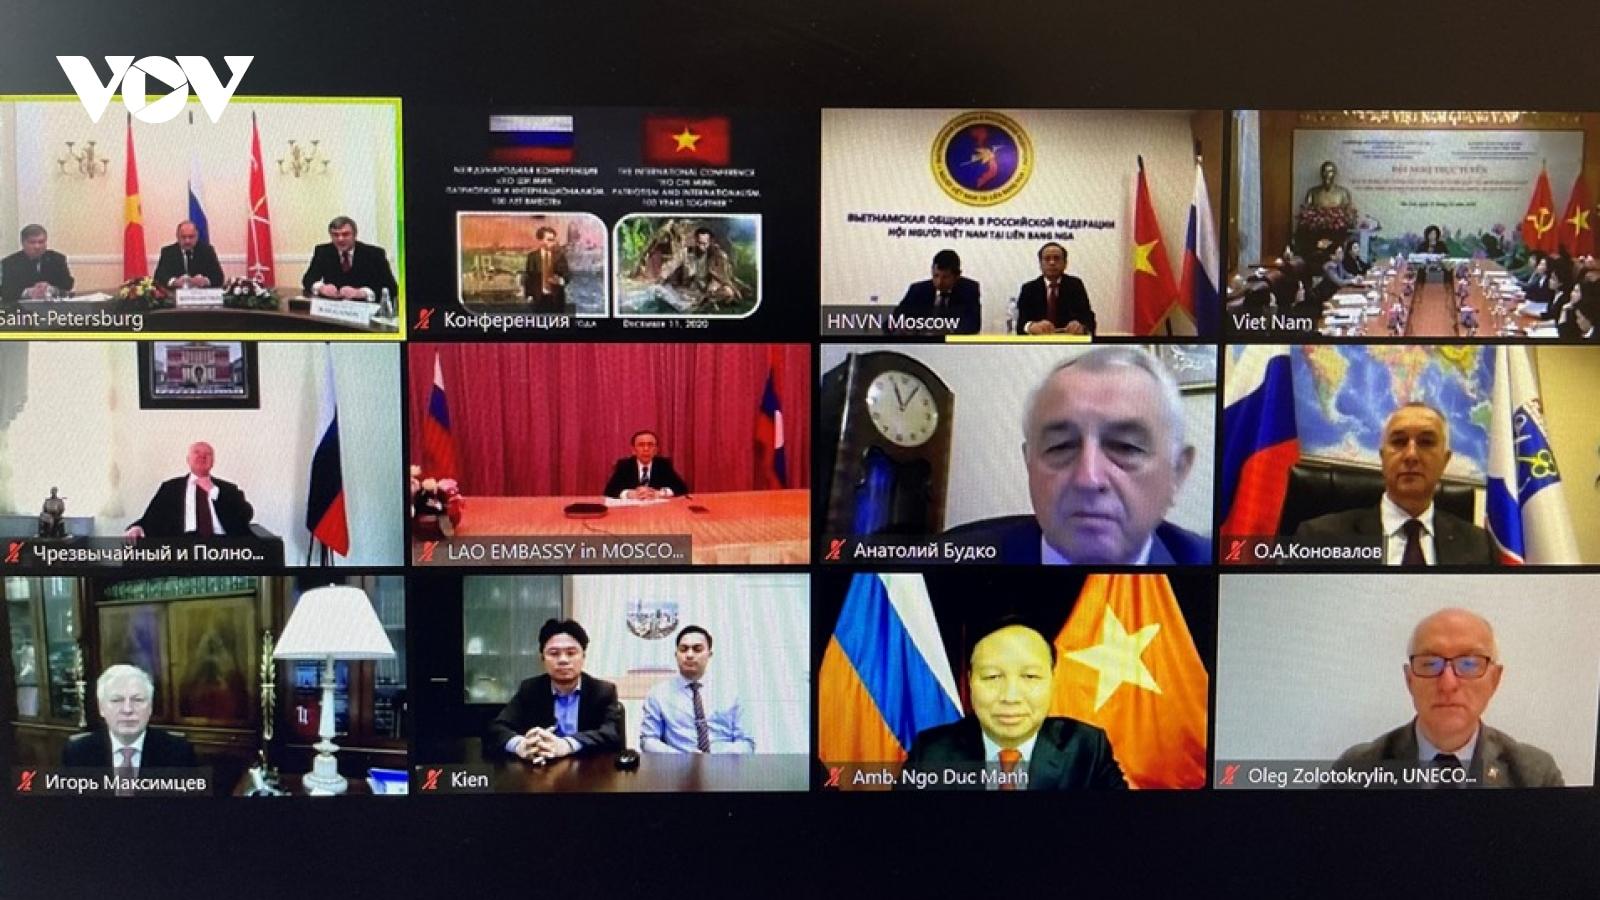 Hội thảo trực tuyến: Chủ tịch Hồ Chí Minh. Chủ nghĩa yêu nước và chủ nghĩa quốc tế